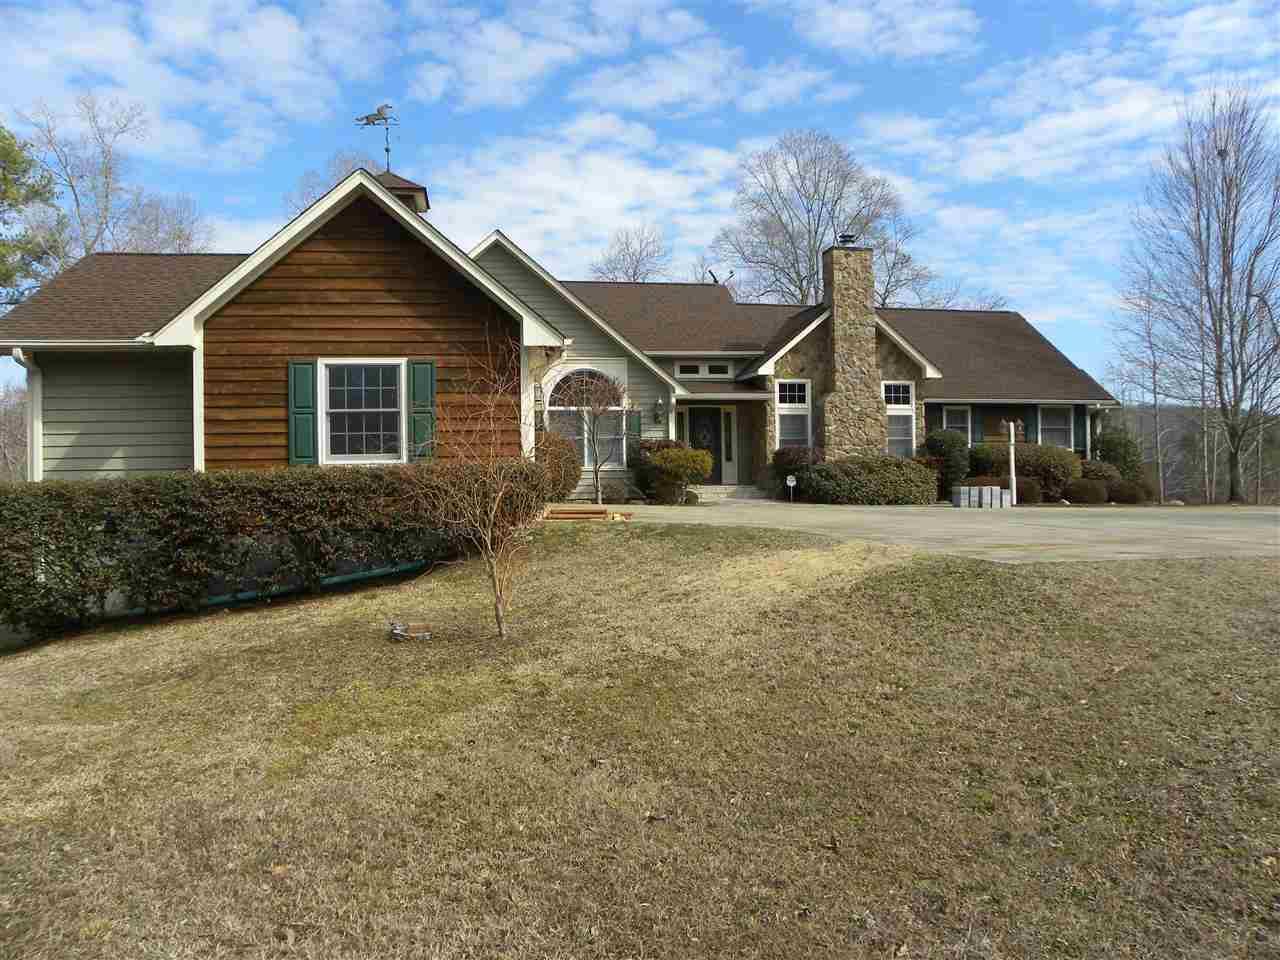 Real Estate for Sale, ListingId: 26762609, West Union,SC29696